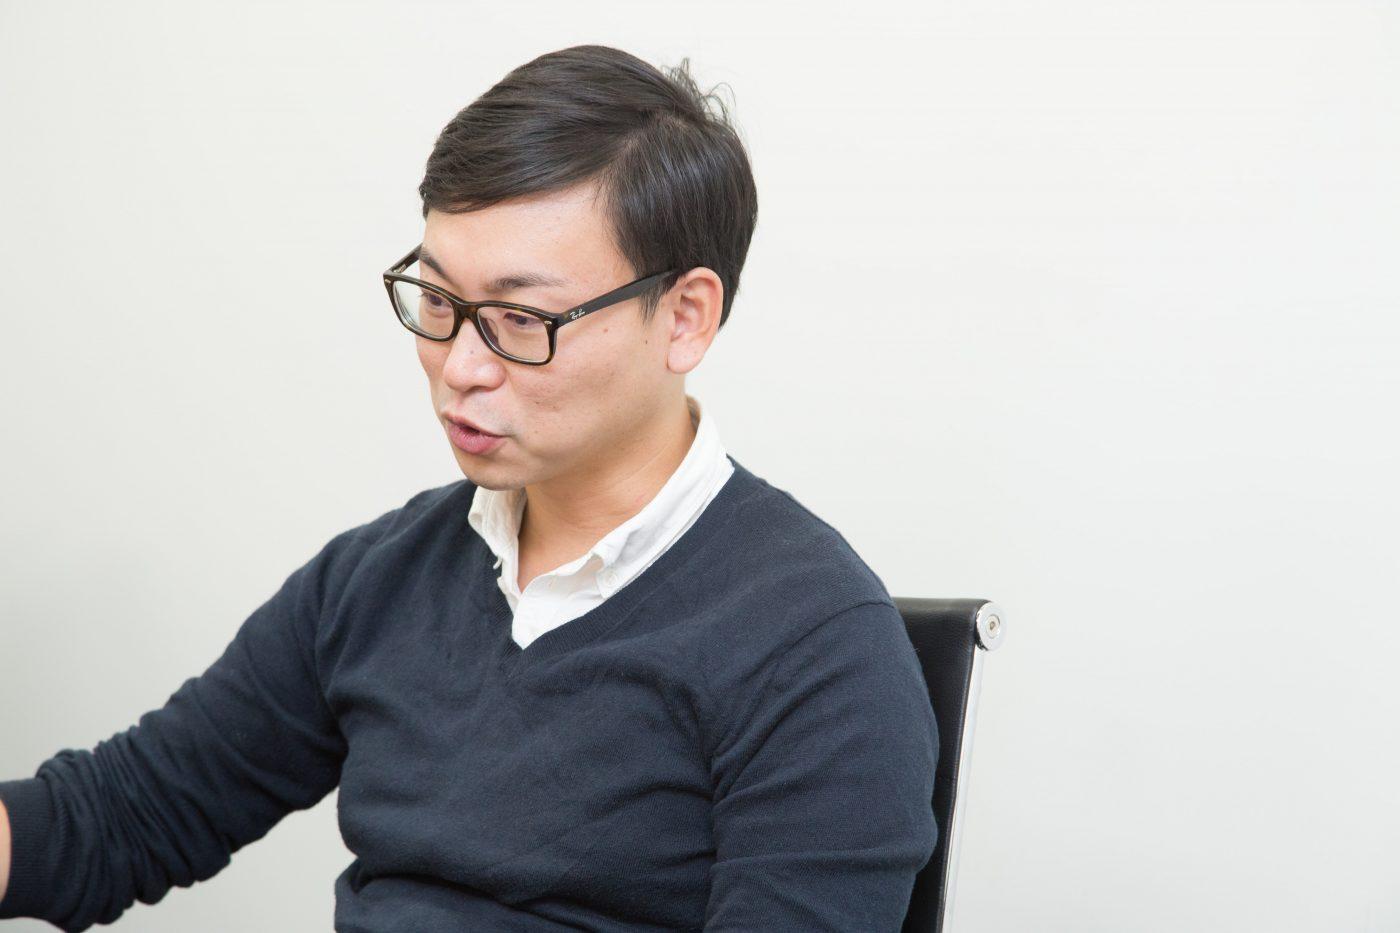 人気アニメ「攻殻機動隊」のなかの世界観。それが、松田氏が目指す、未来の姿だ。日本発で世界と戦えるイノベーティブな企業をつくるために、LeapMindは技術革新に力を入れる。